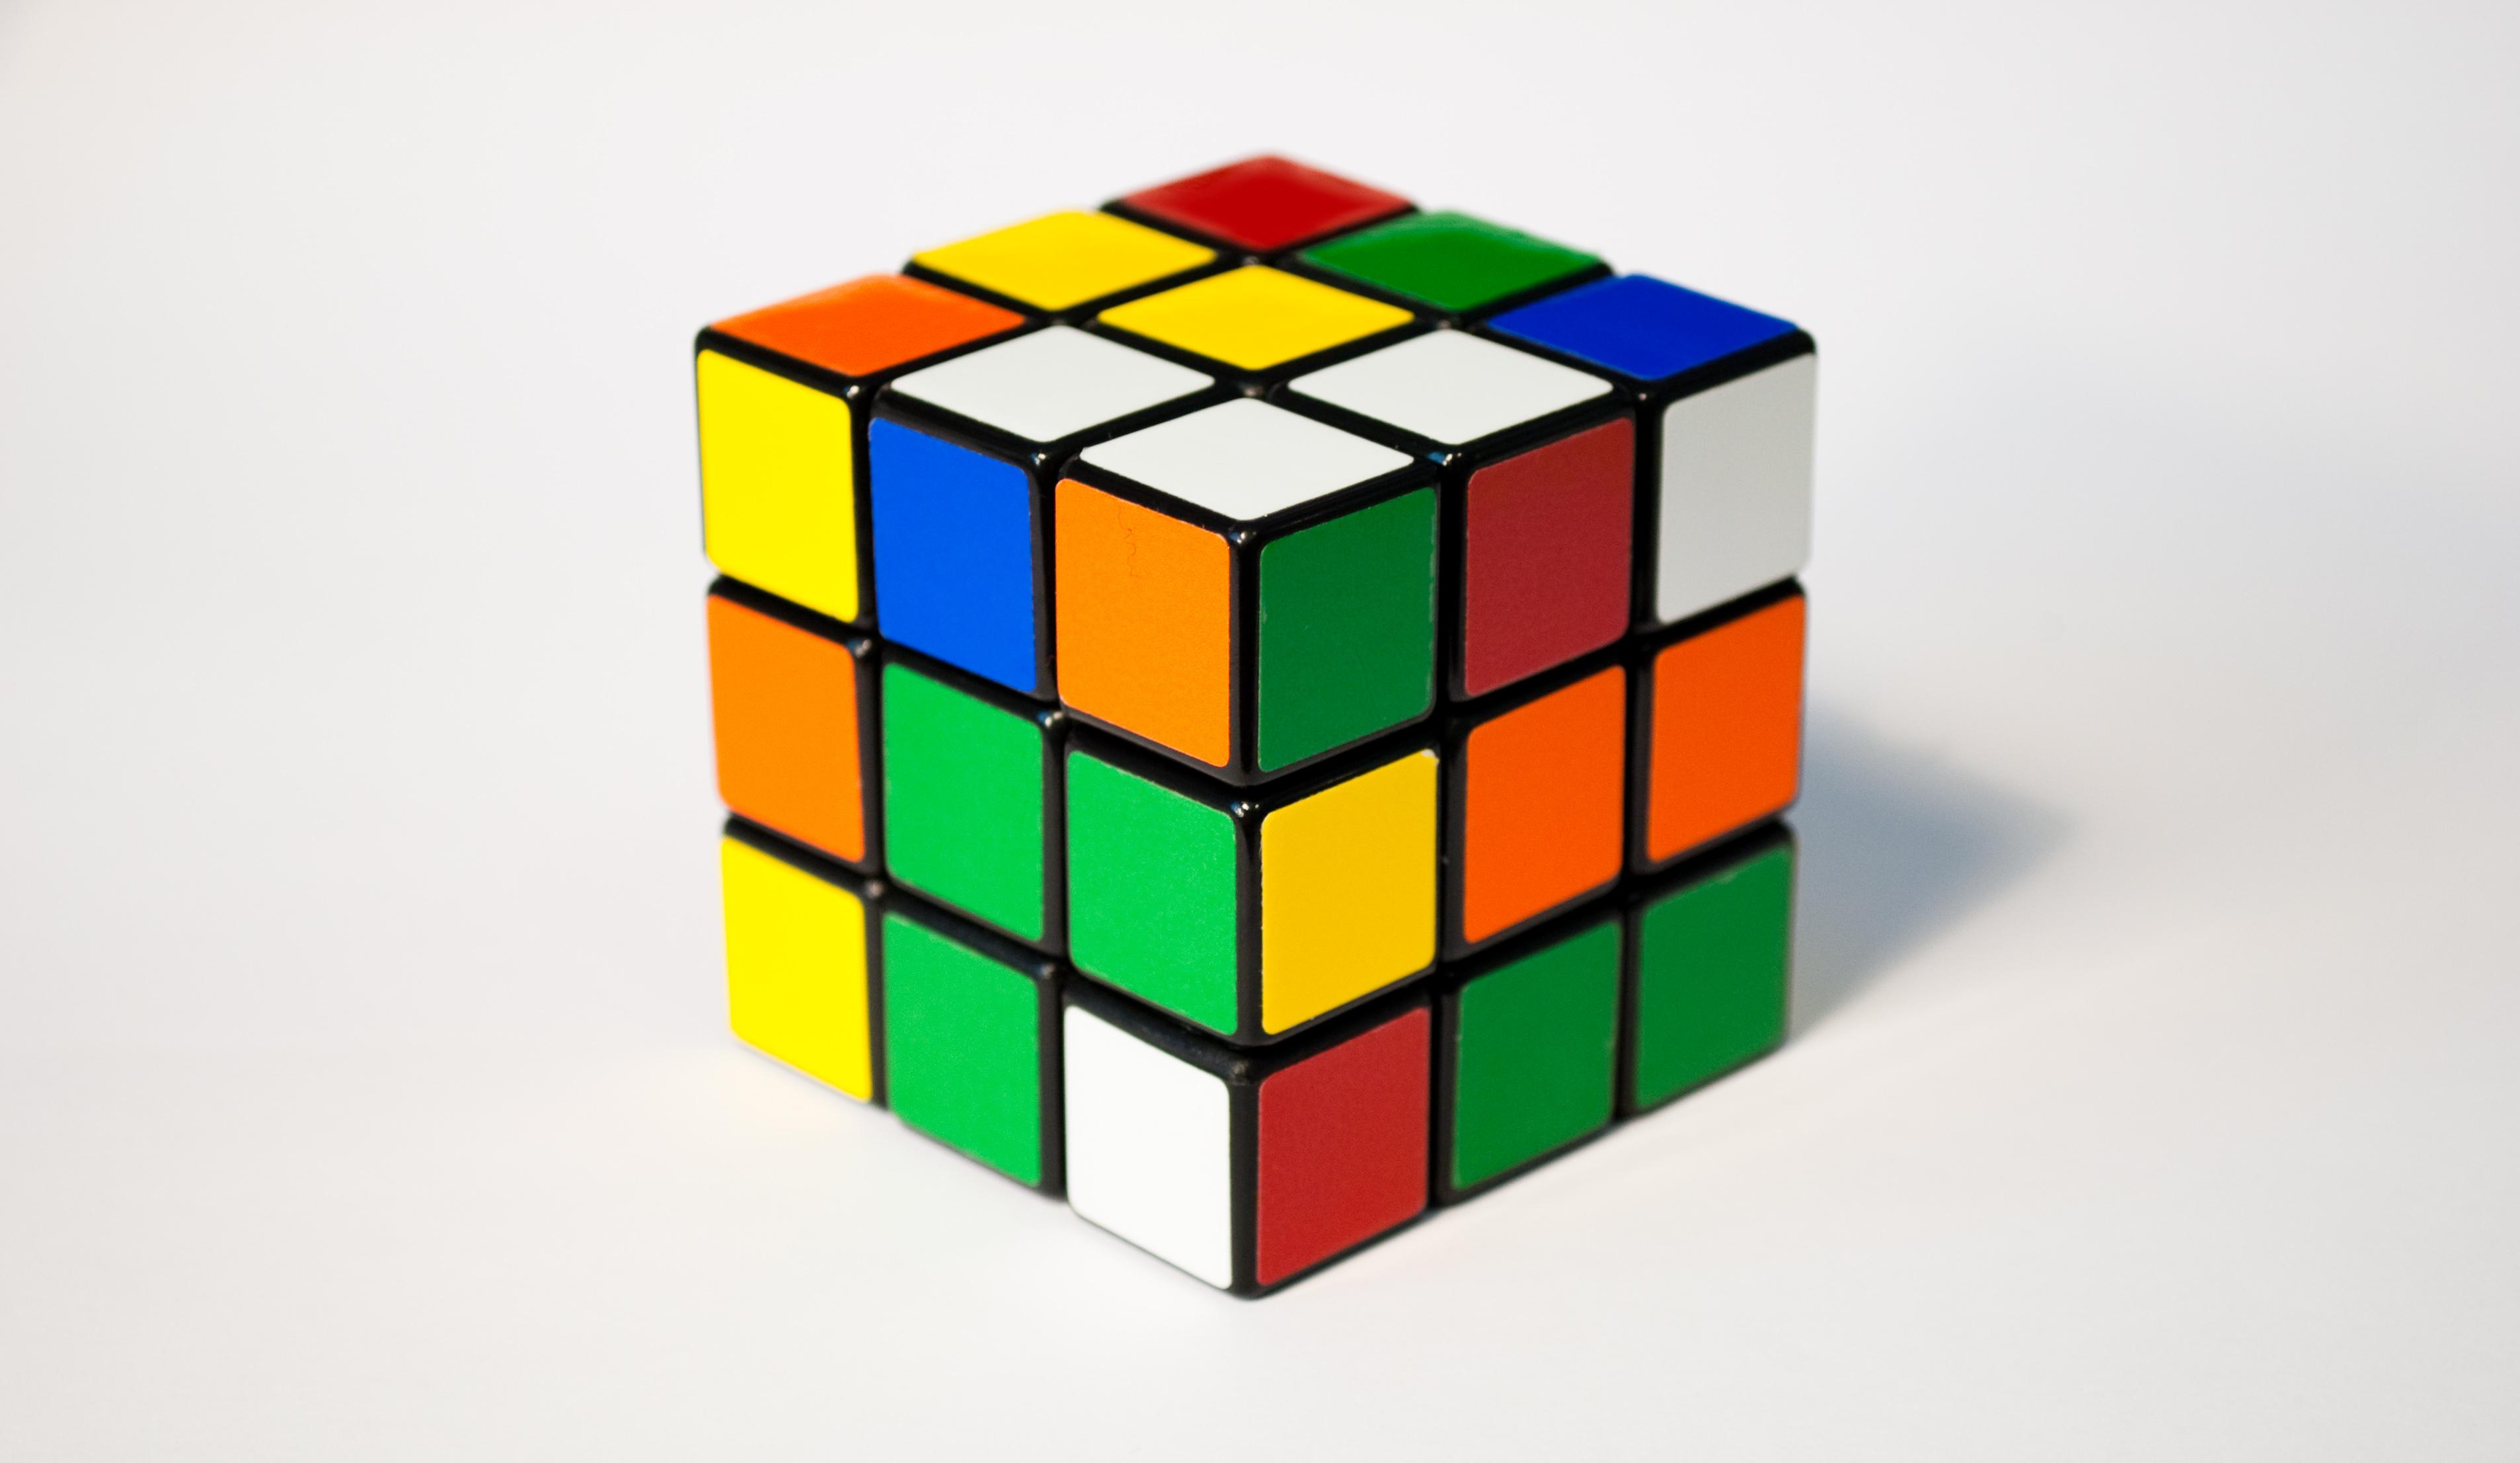 すべての講義 乳児 プレゼント : Rubik's Cube